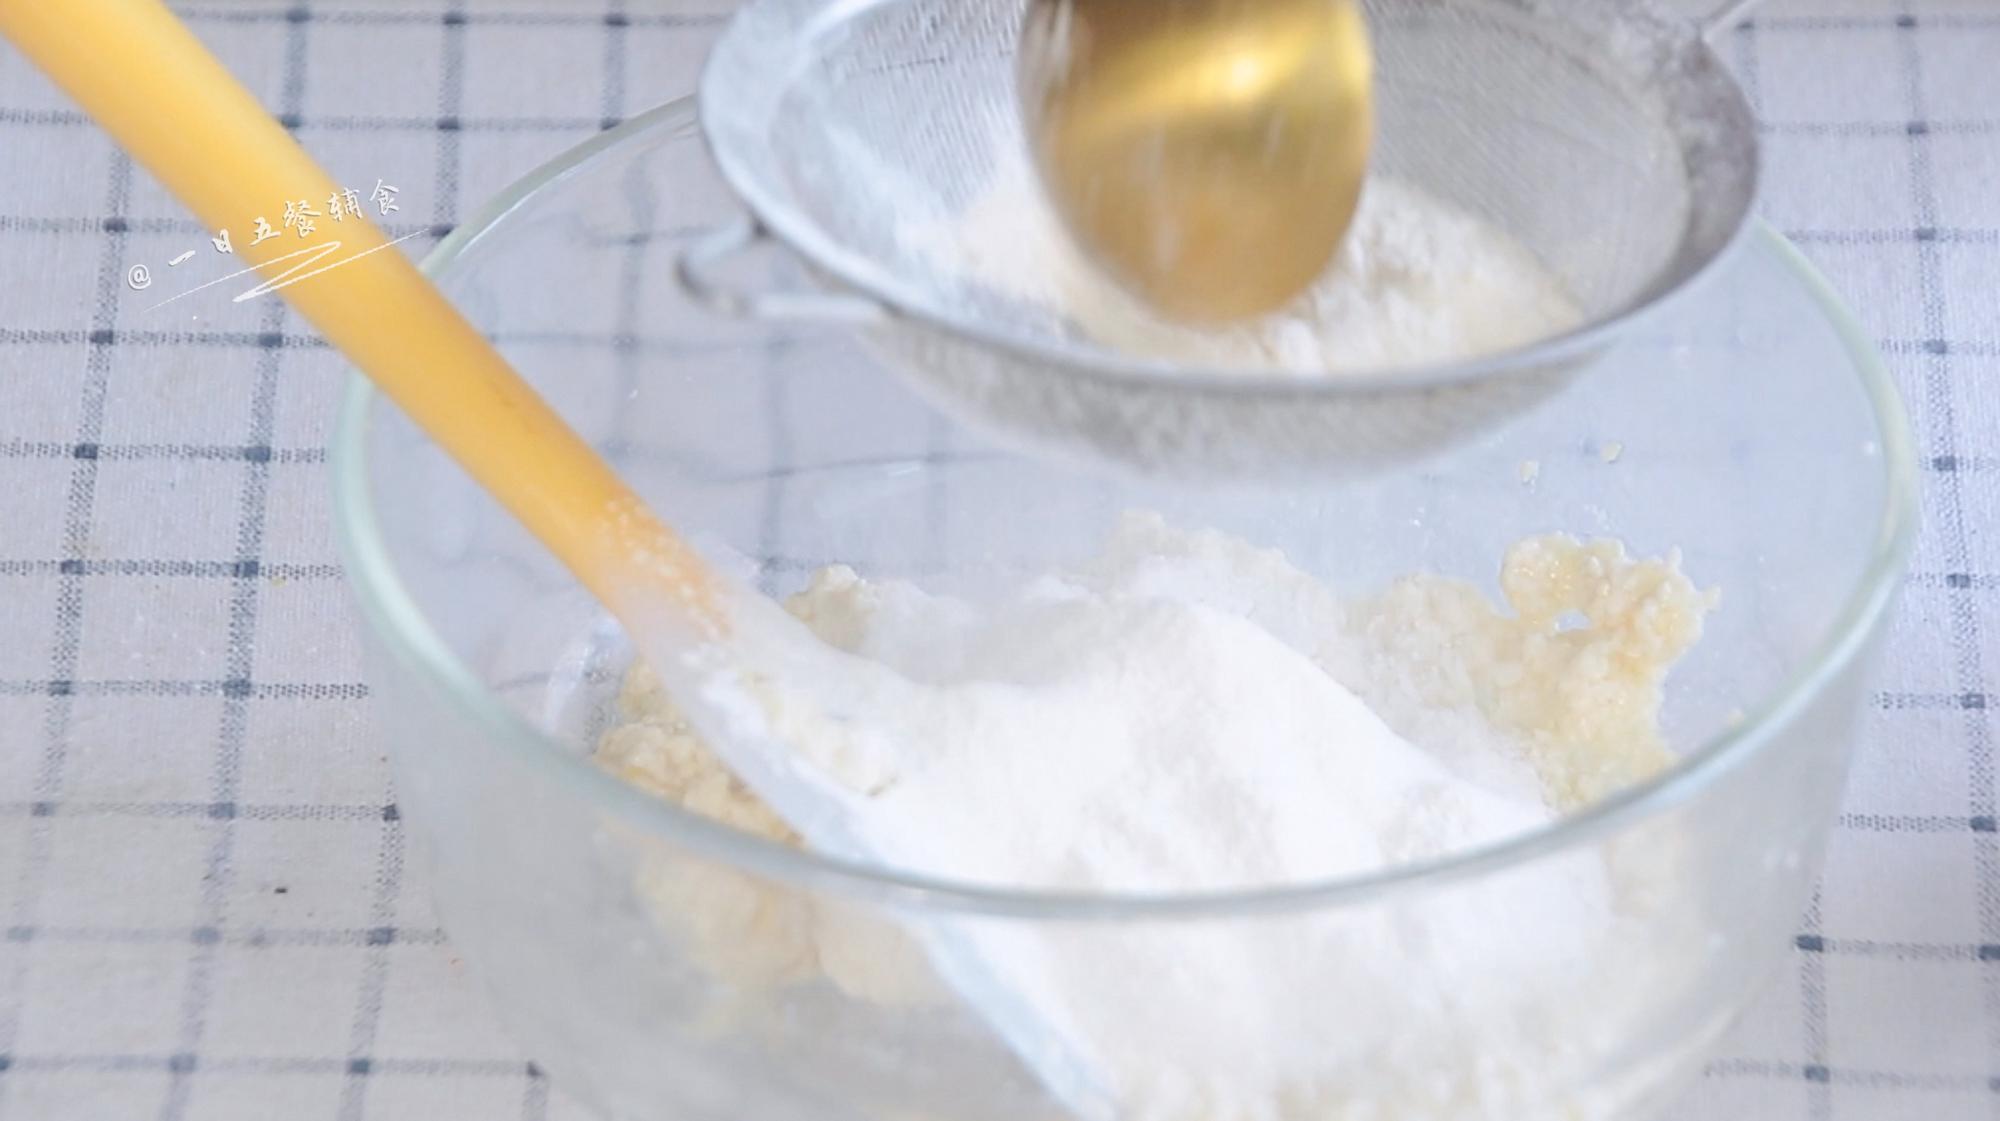 豆腐手指脆条,最后将低粉过筛分3次加入,每次搅匀再加下一次。</p> <p>